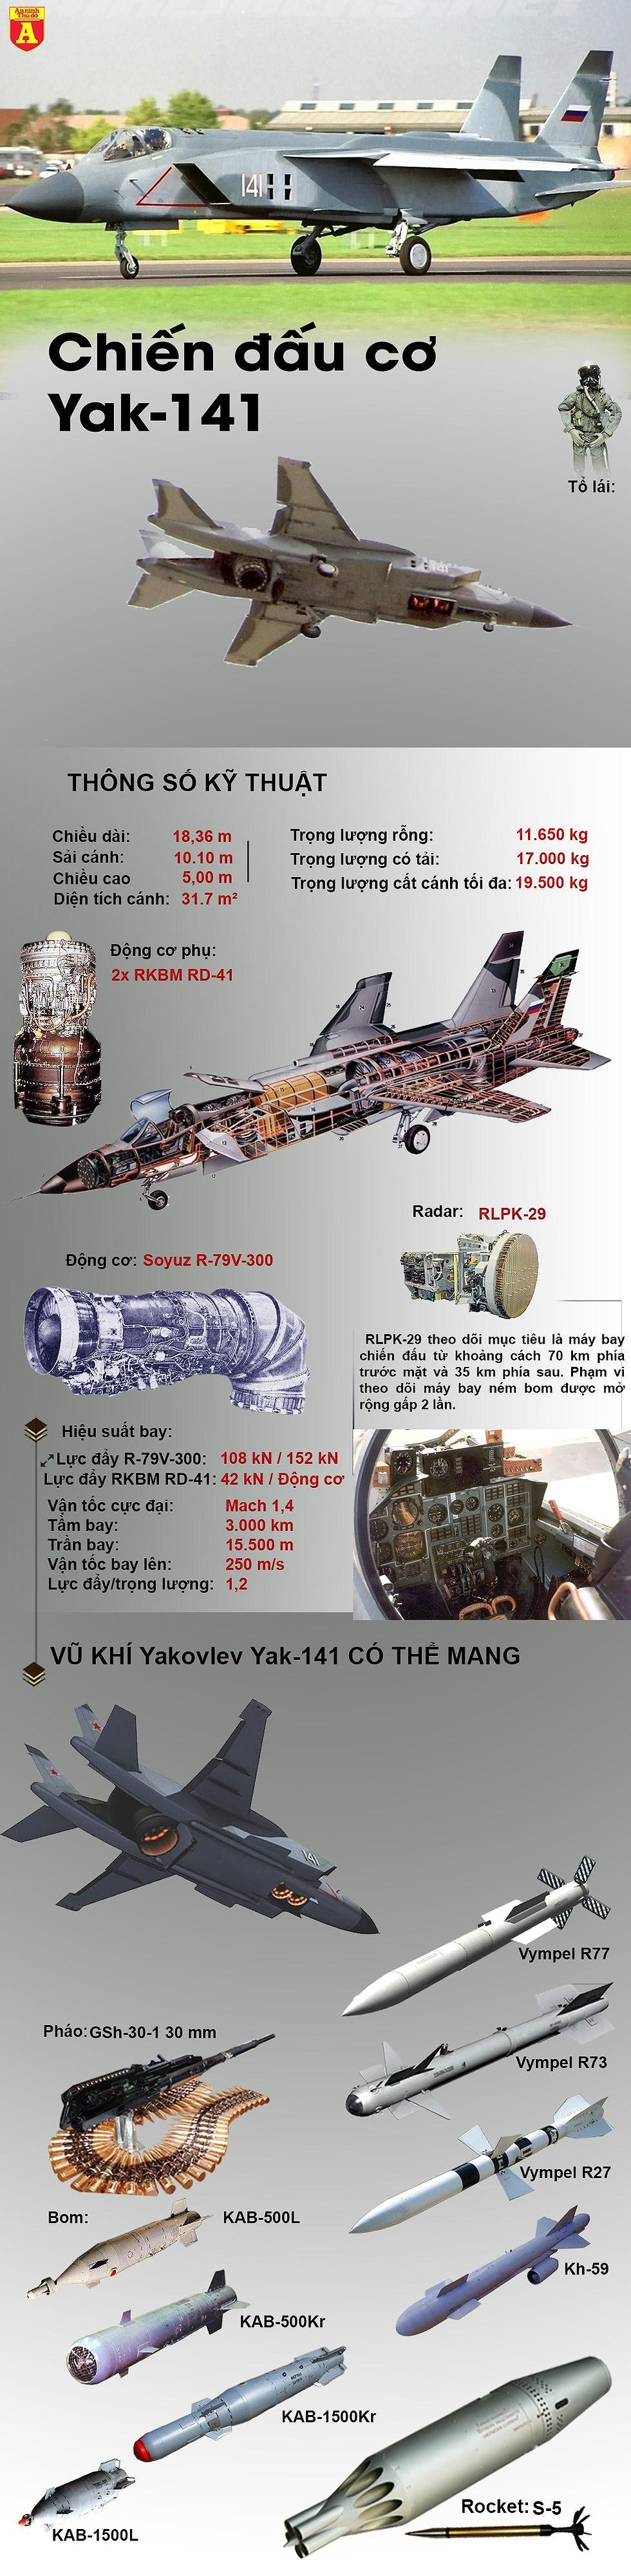 'Thủy tổ' của chiến đấu cơ F-35B chính là Yak-141 Liên Xô? Ảnh 4